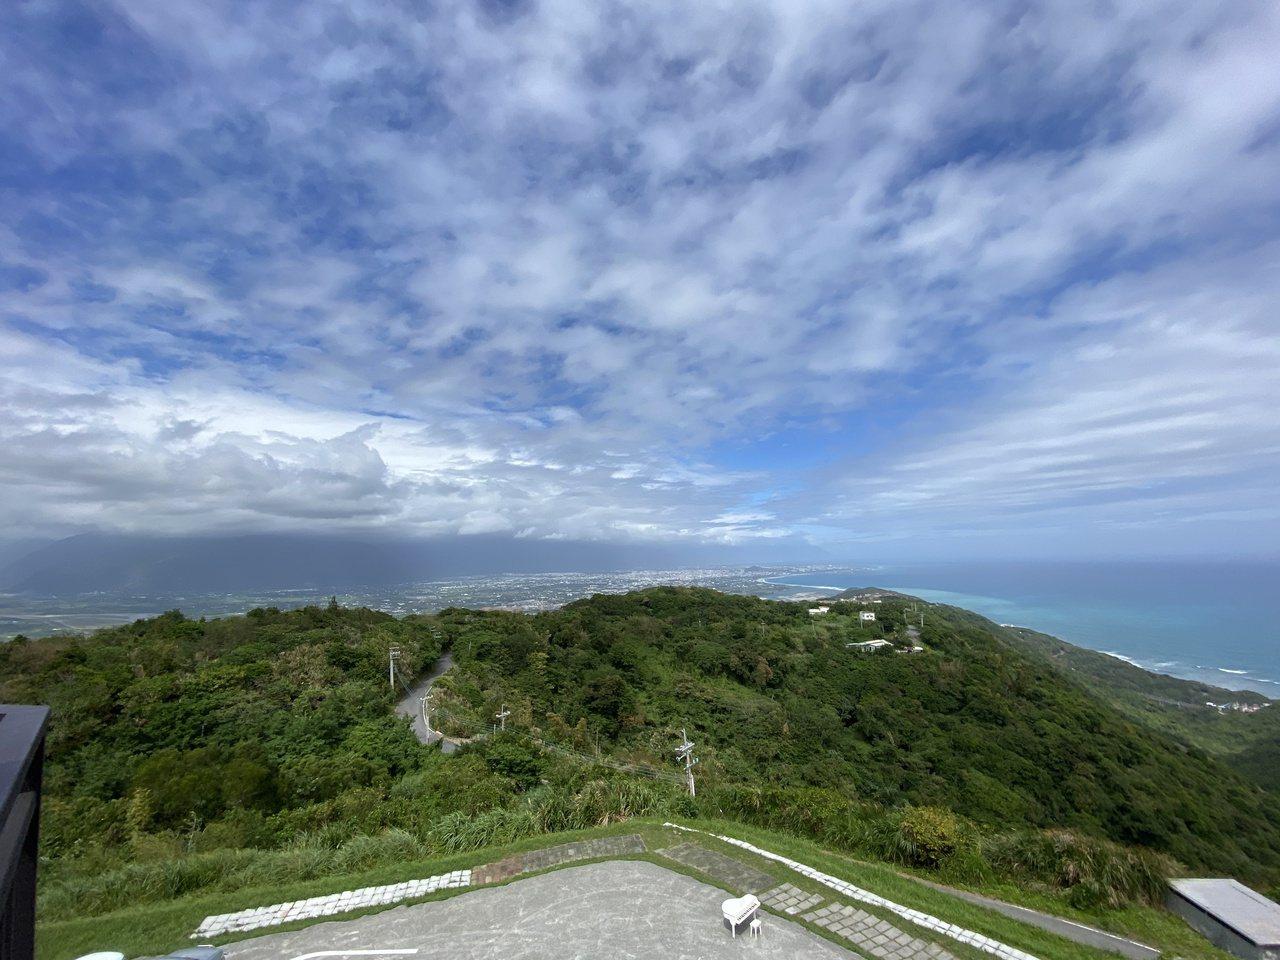 花蓮景觀玻璃屋位於半山腰上,海拔380公尺,擁有最美360度景色。 圖/王思慧 ...